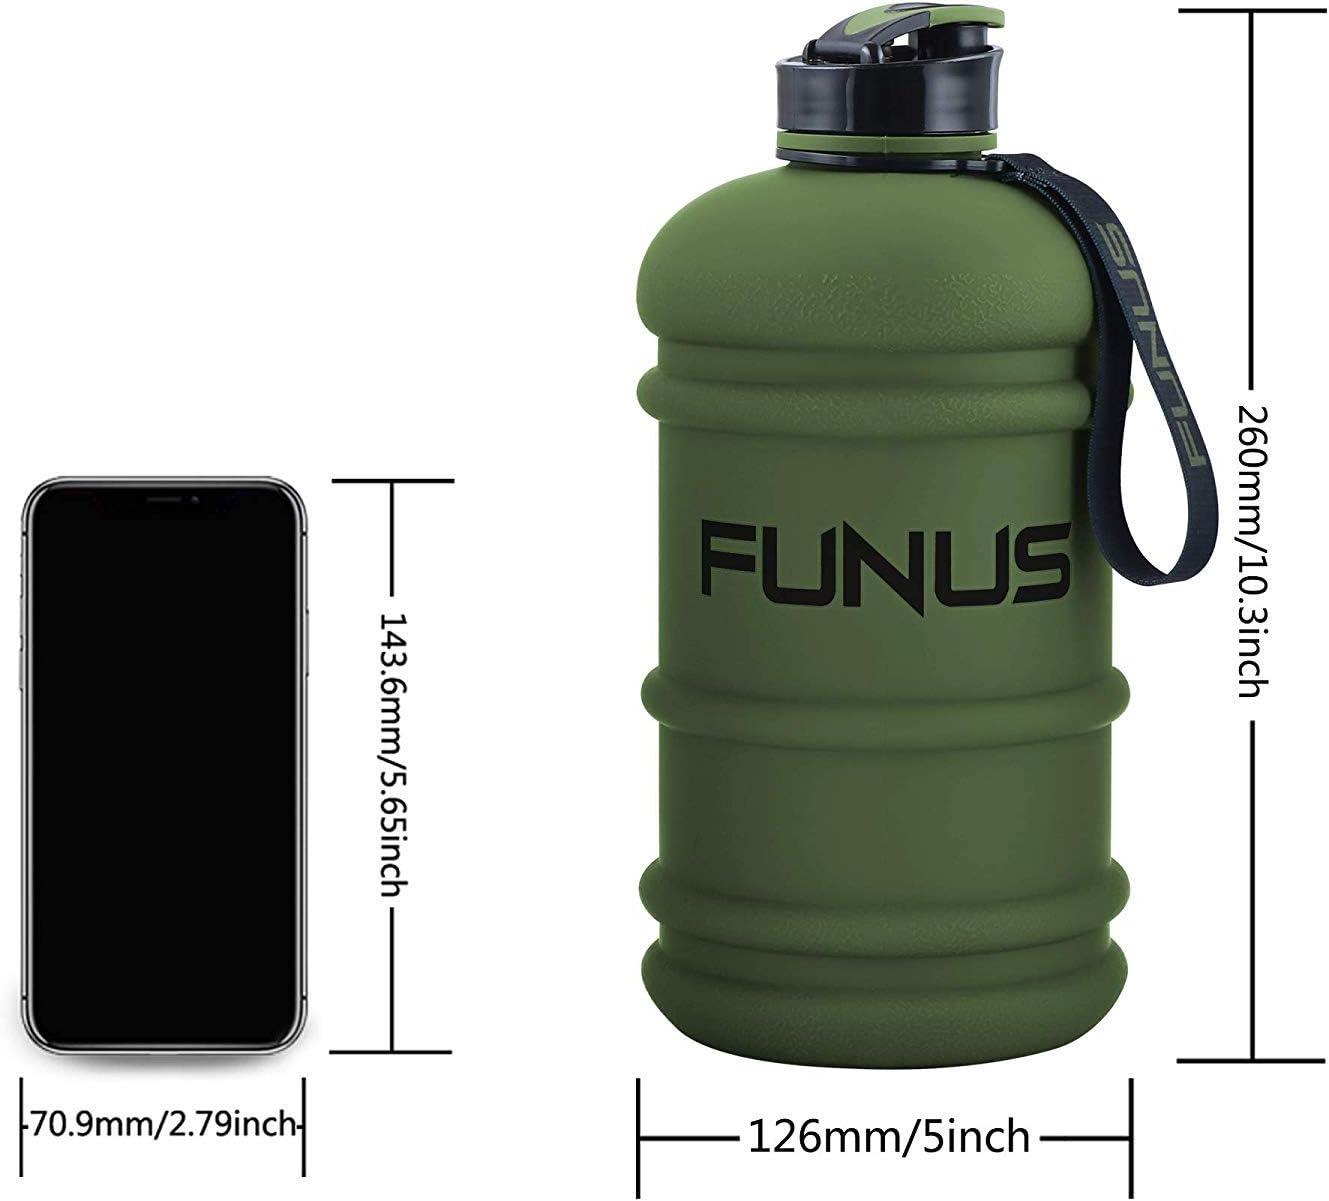 SOCOO Botella de Deportes Acu/áticos de 2,2 litros sin BPA Contenedores de Agua para Acampar Botella de Agua Port/átil para Gimnasio//Viajes//Ejercicio//Deporte